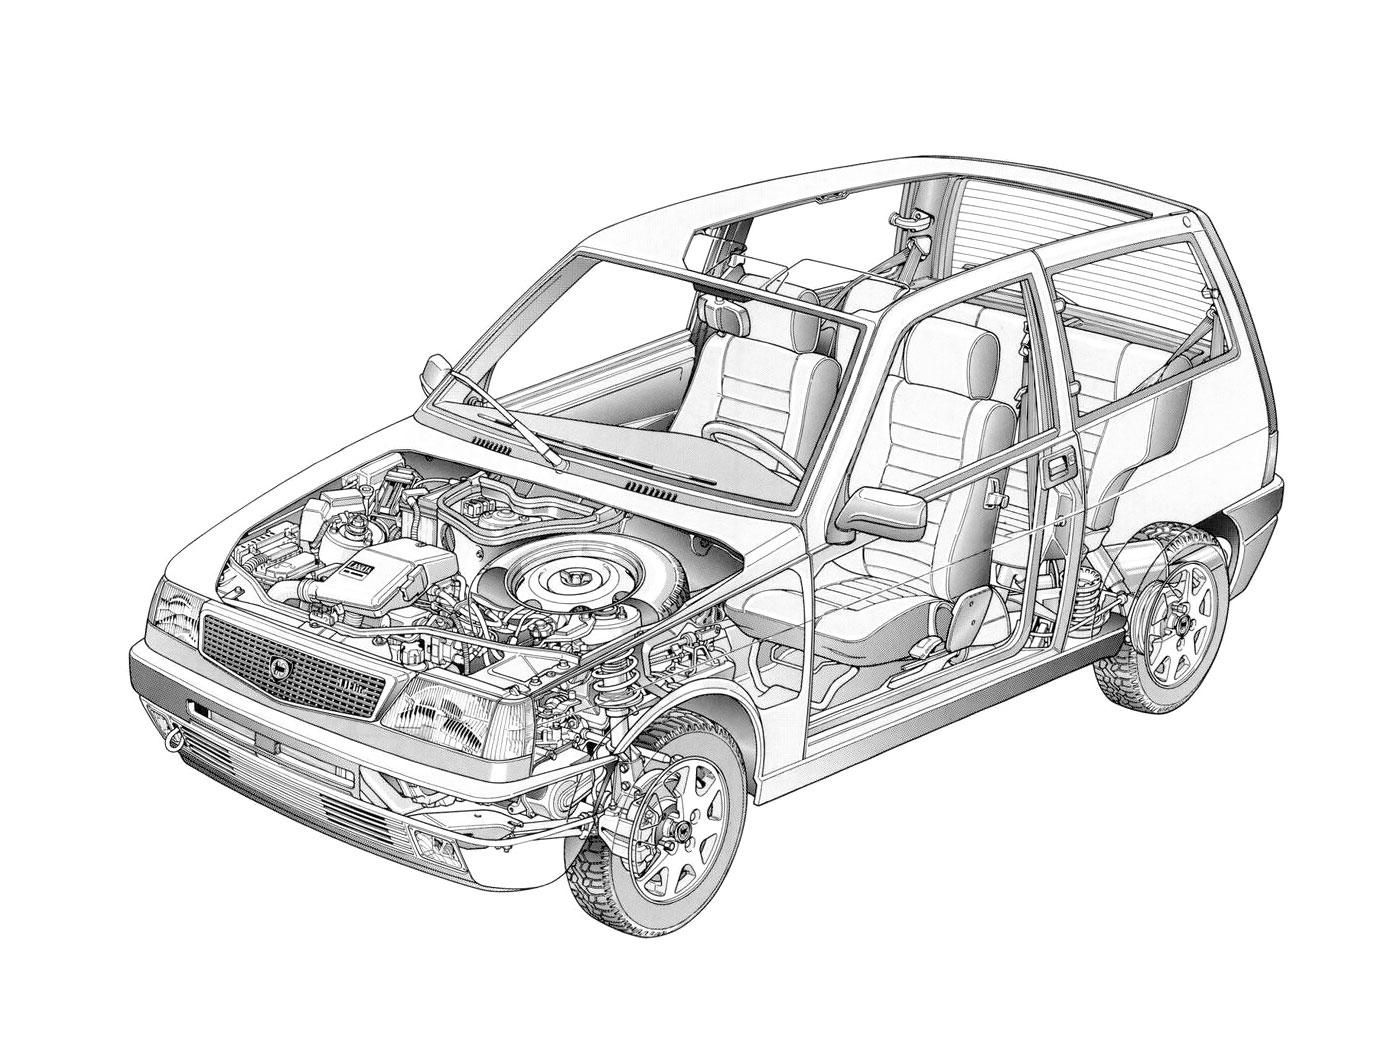 Lancia Y10 Elite cutaway drawing